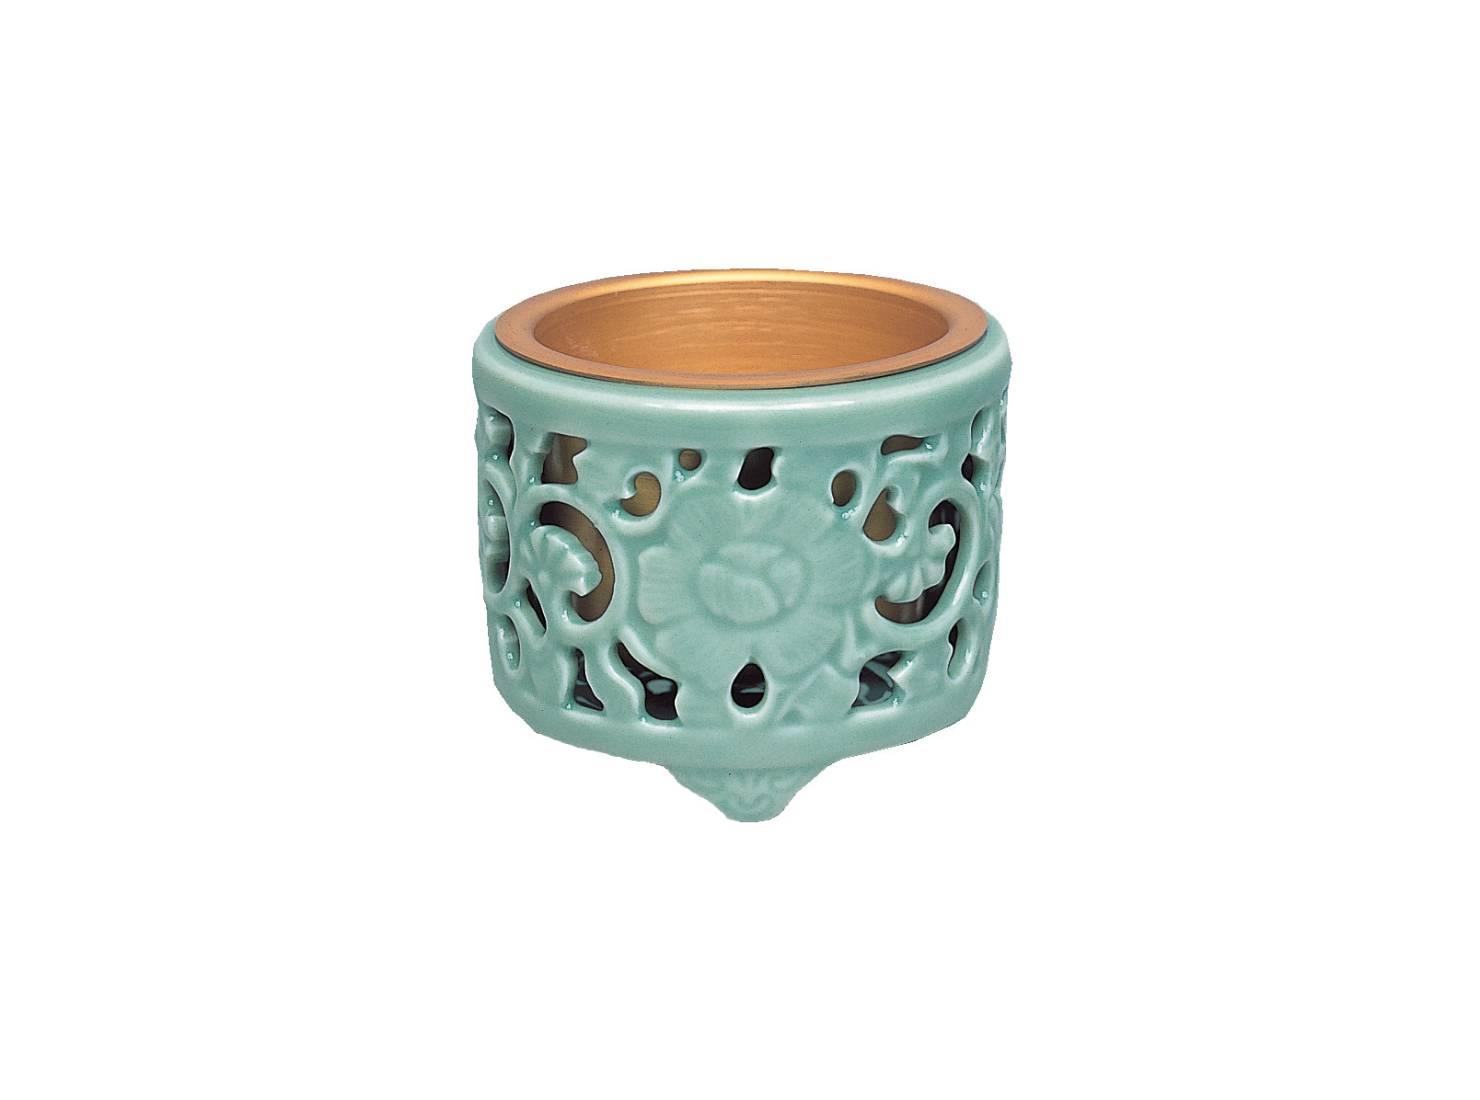 浄土真宗の真宗大谷派における正式な土香炉の牡丹透香炉